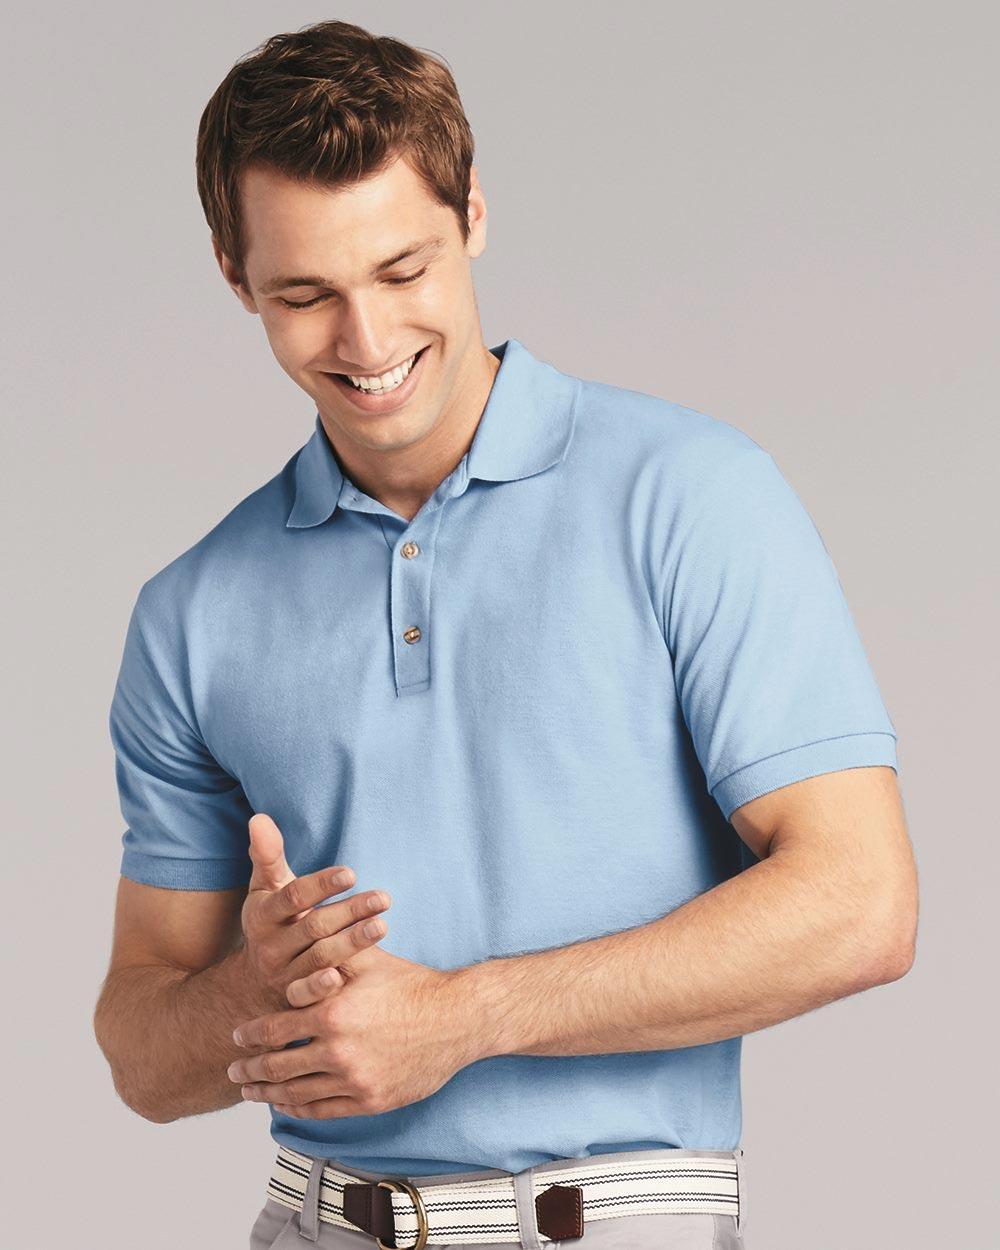 Gildan 3800 - Ultra Cotton Pique Sport Shirt